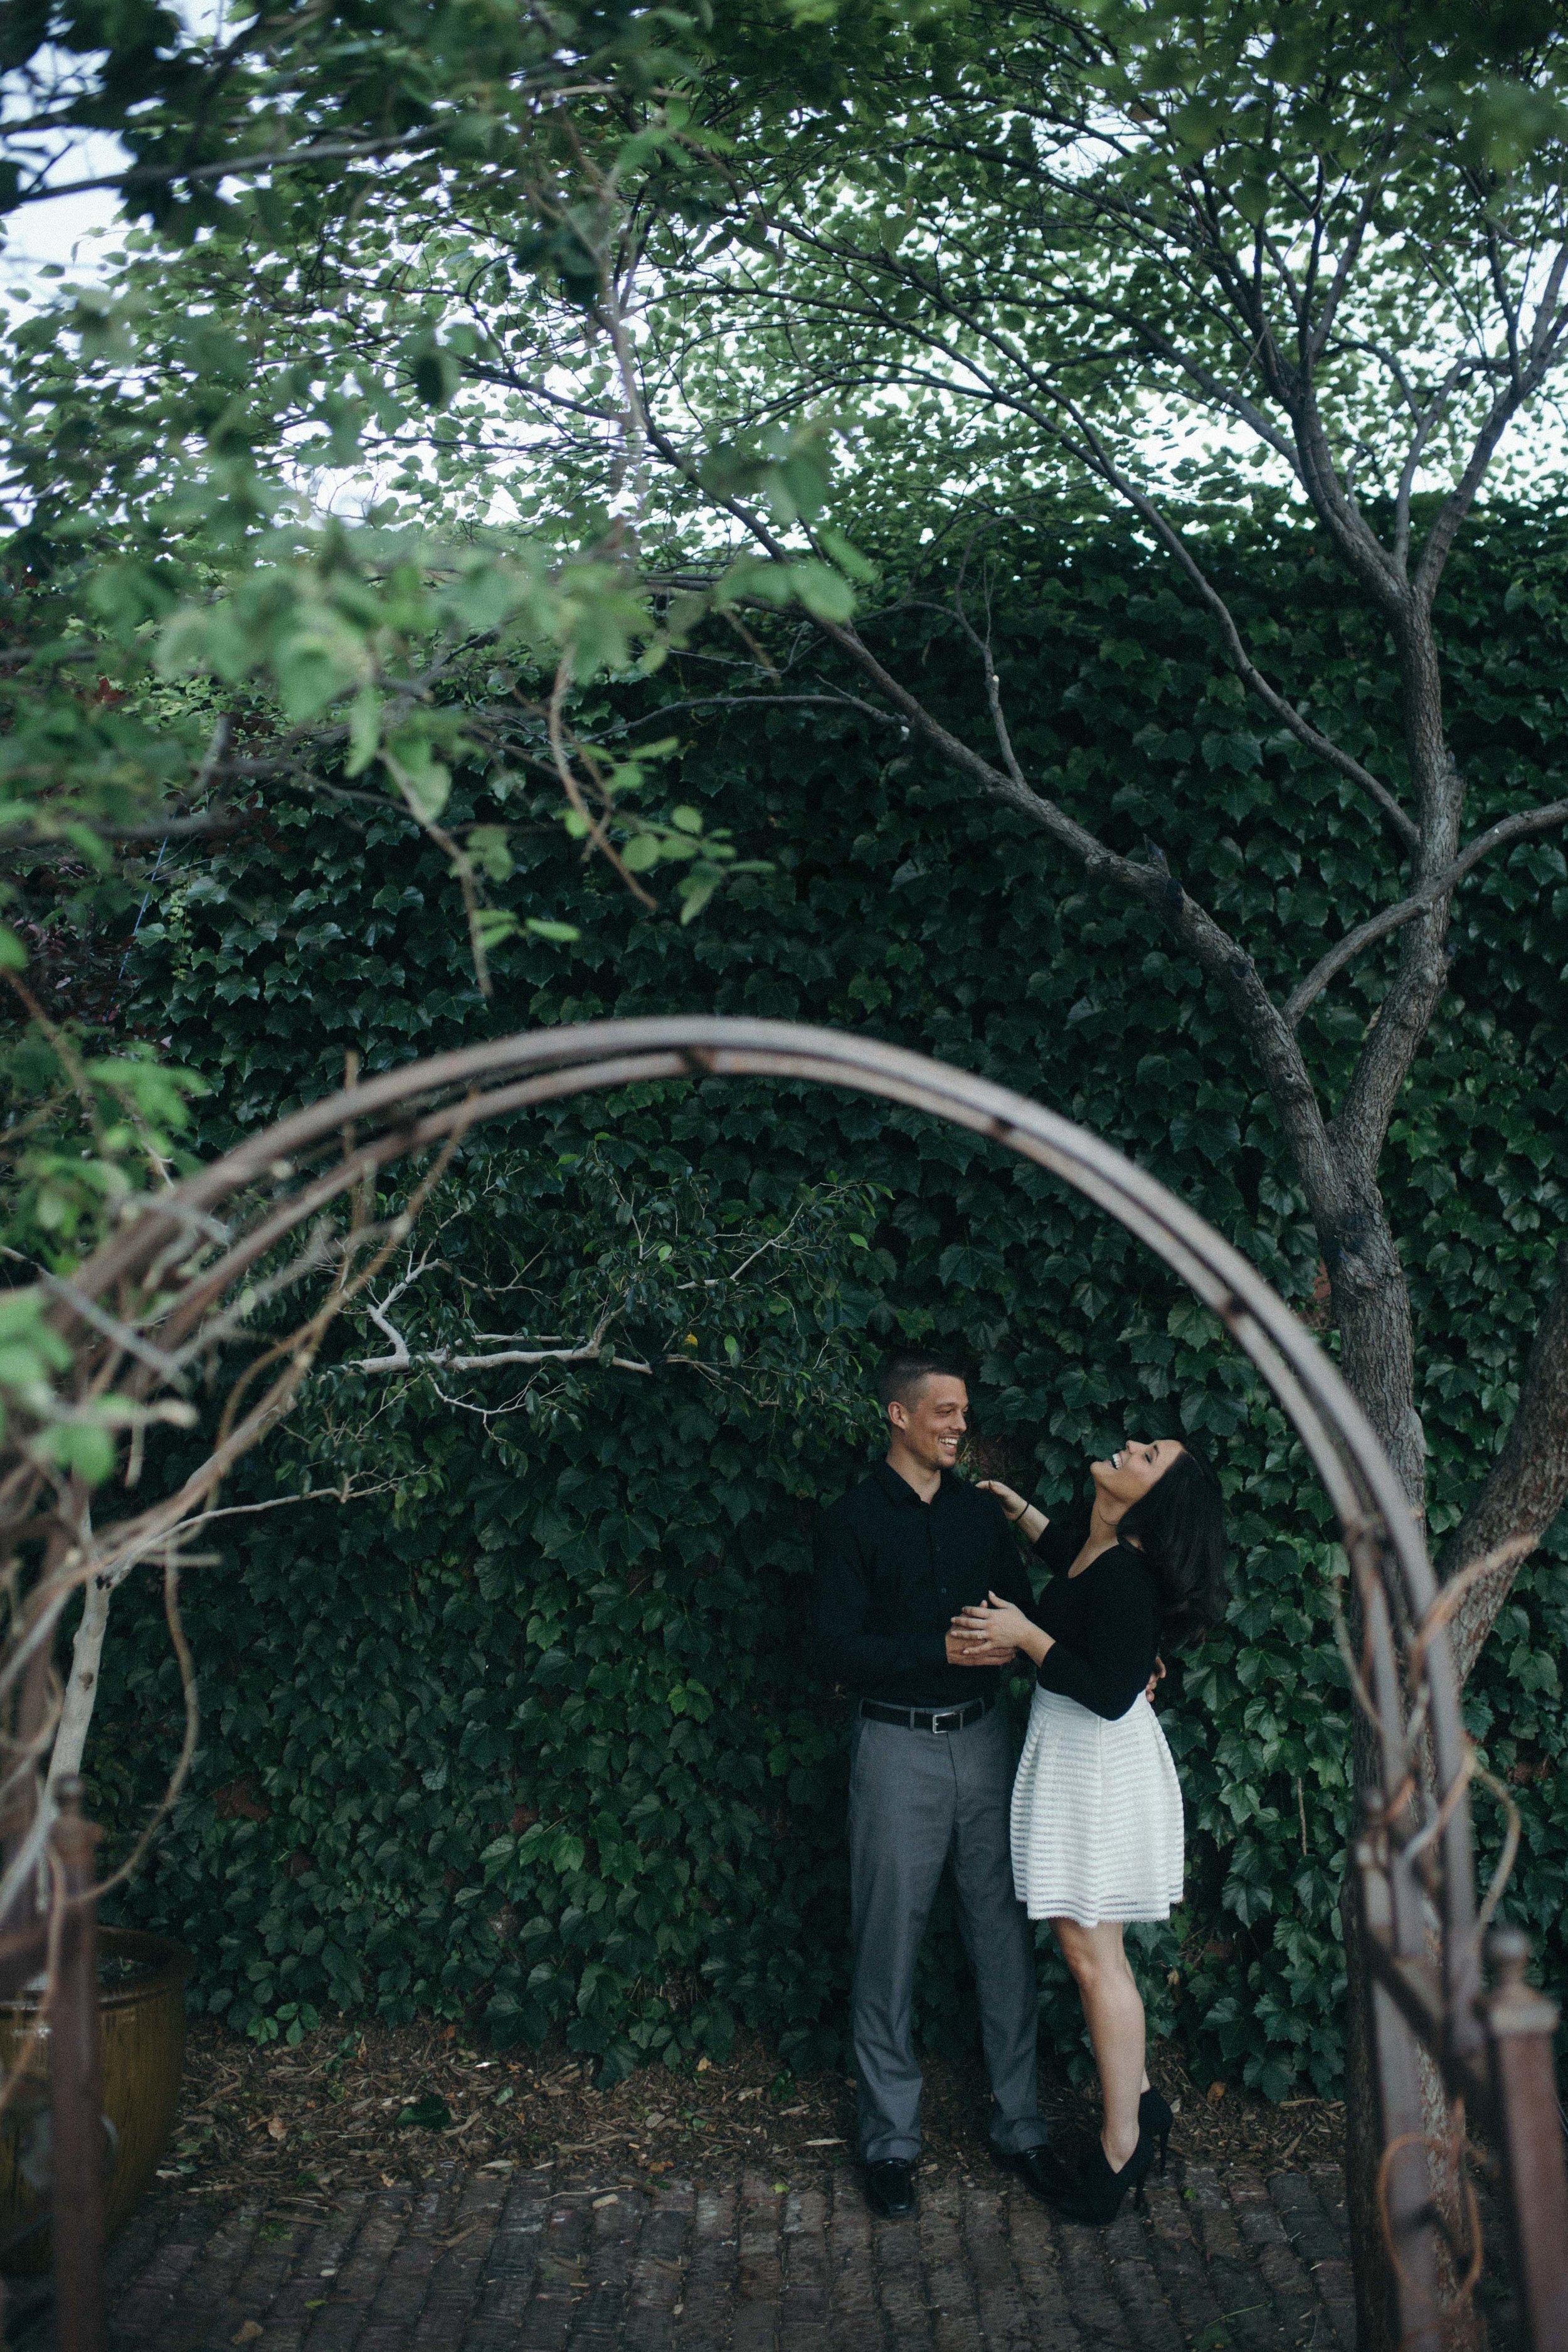 chi-tyler-engagement-blog-11.jpg